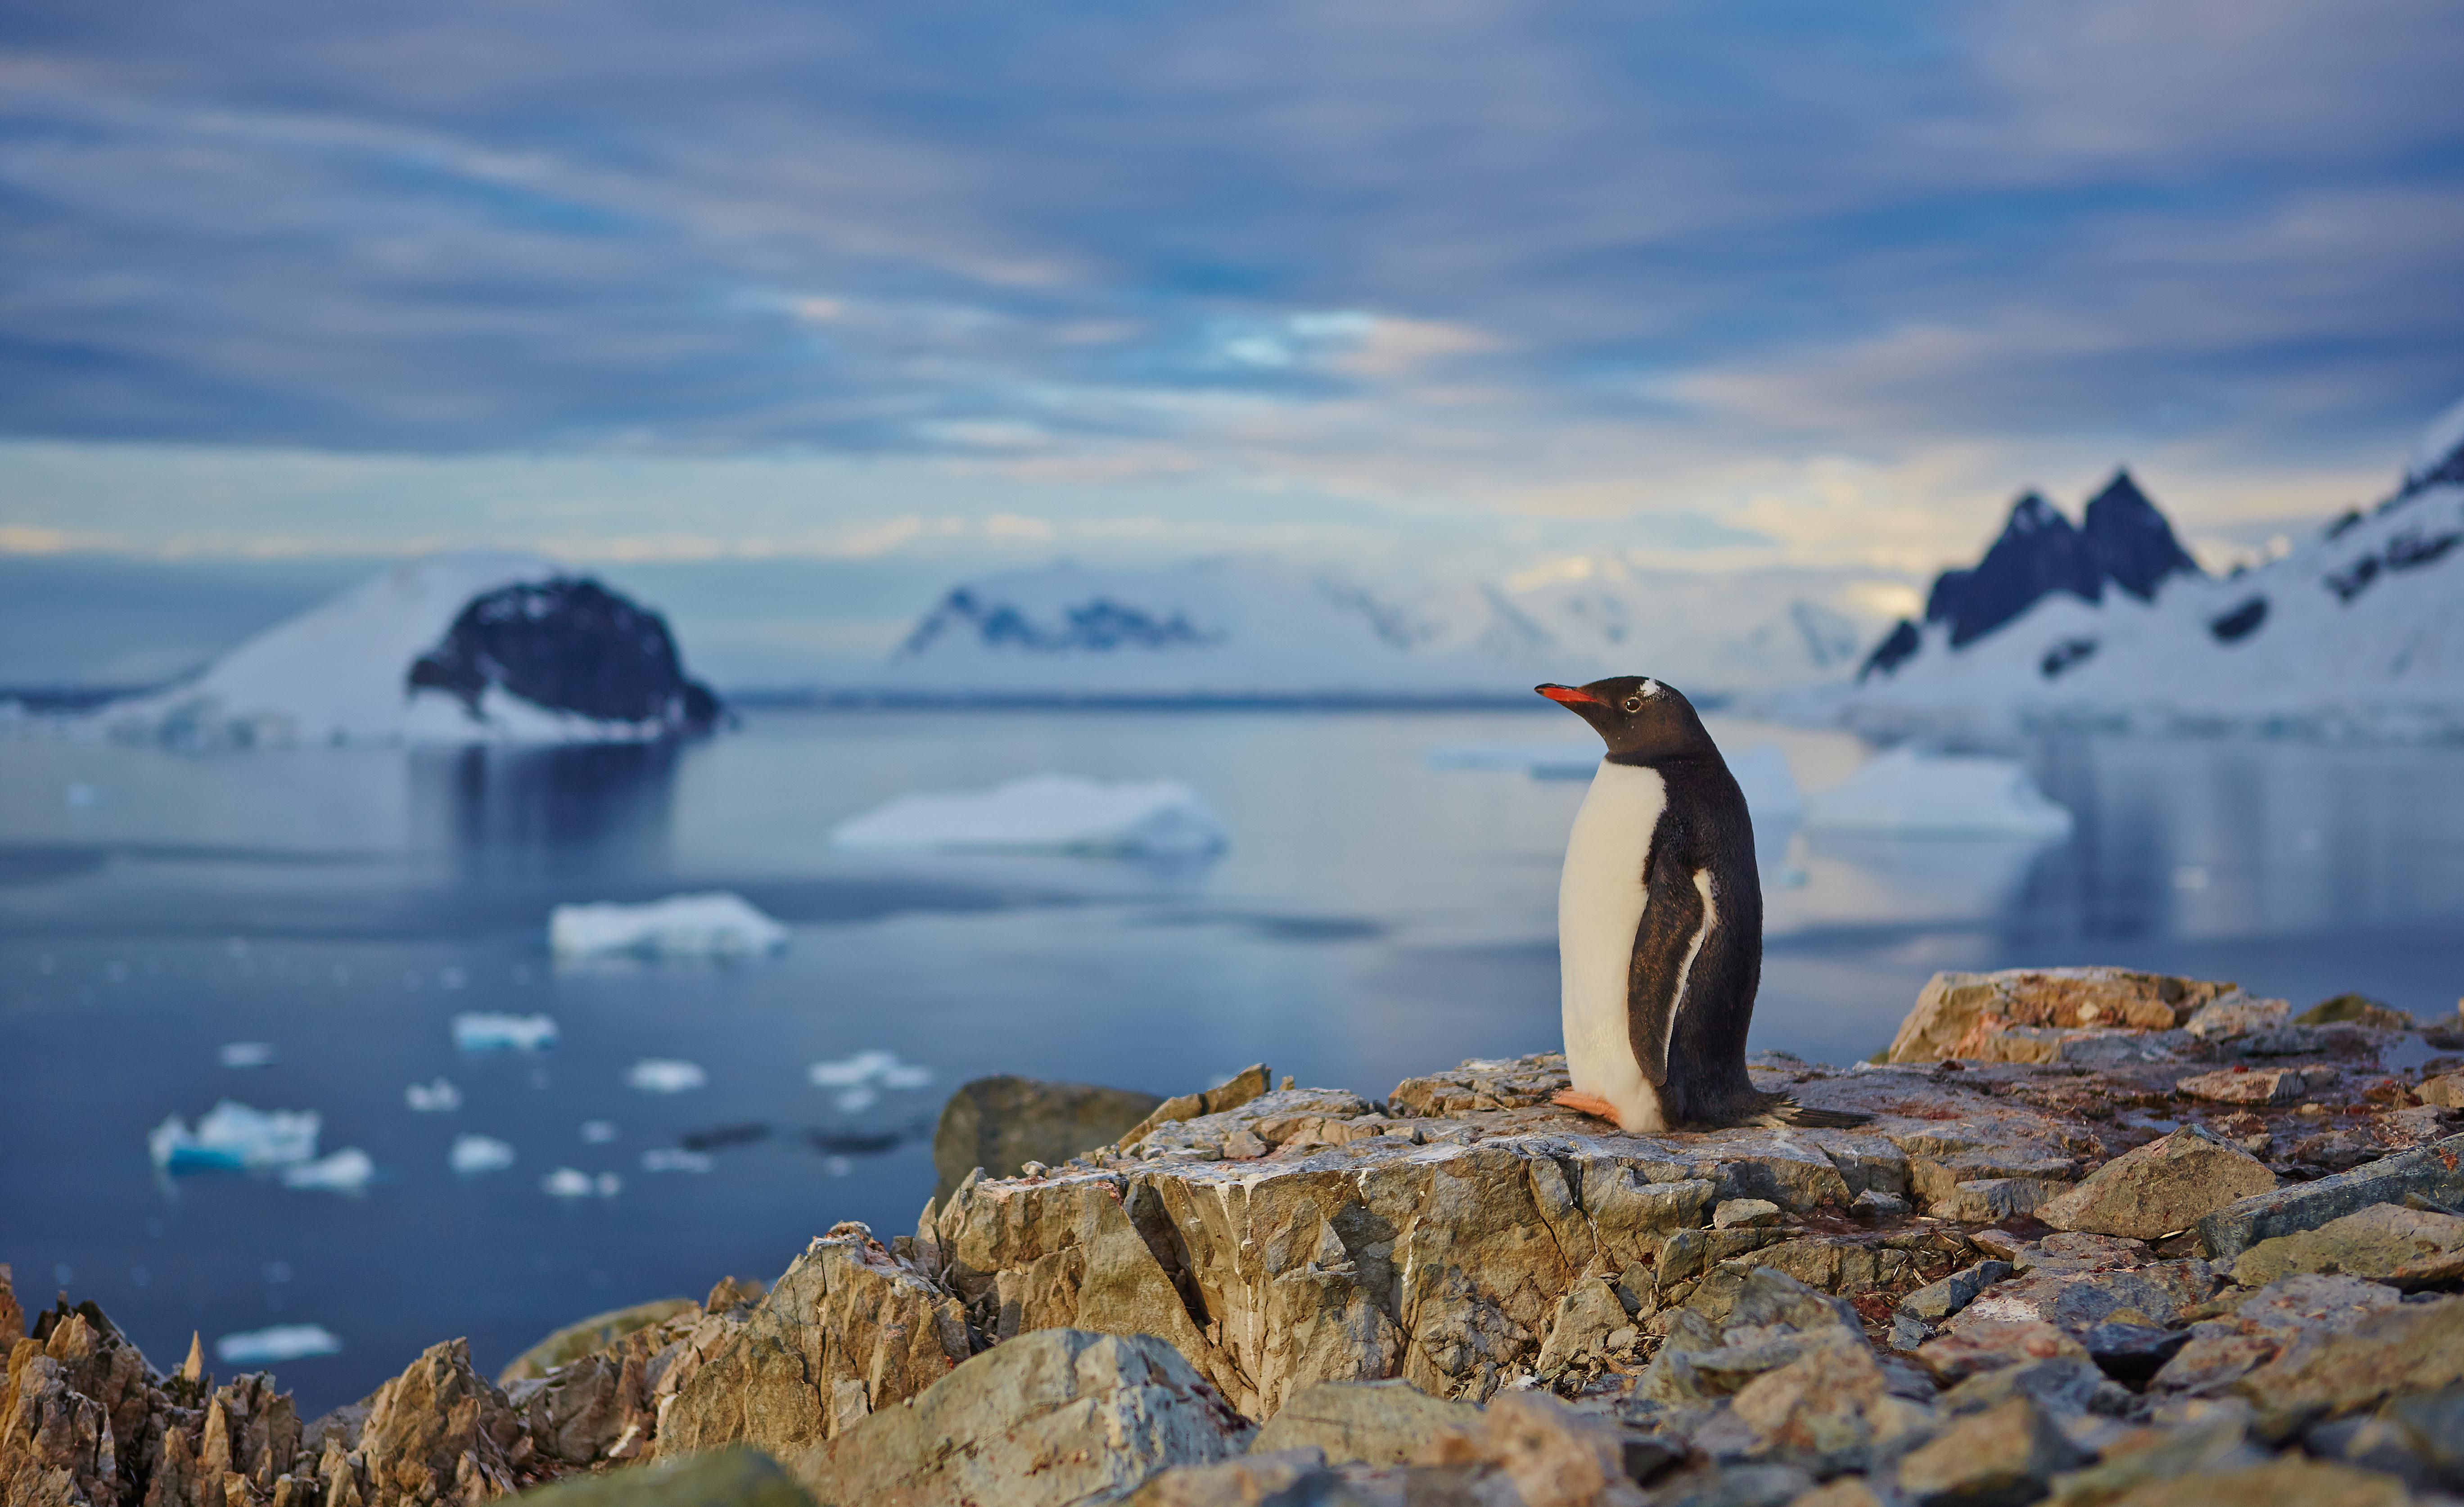 Gentoo penguin overlooking bay